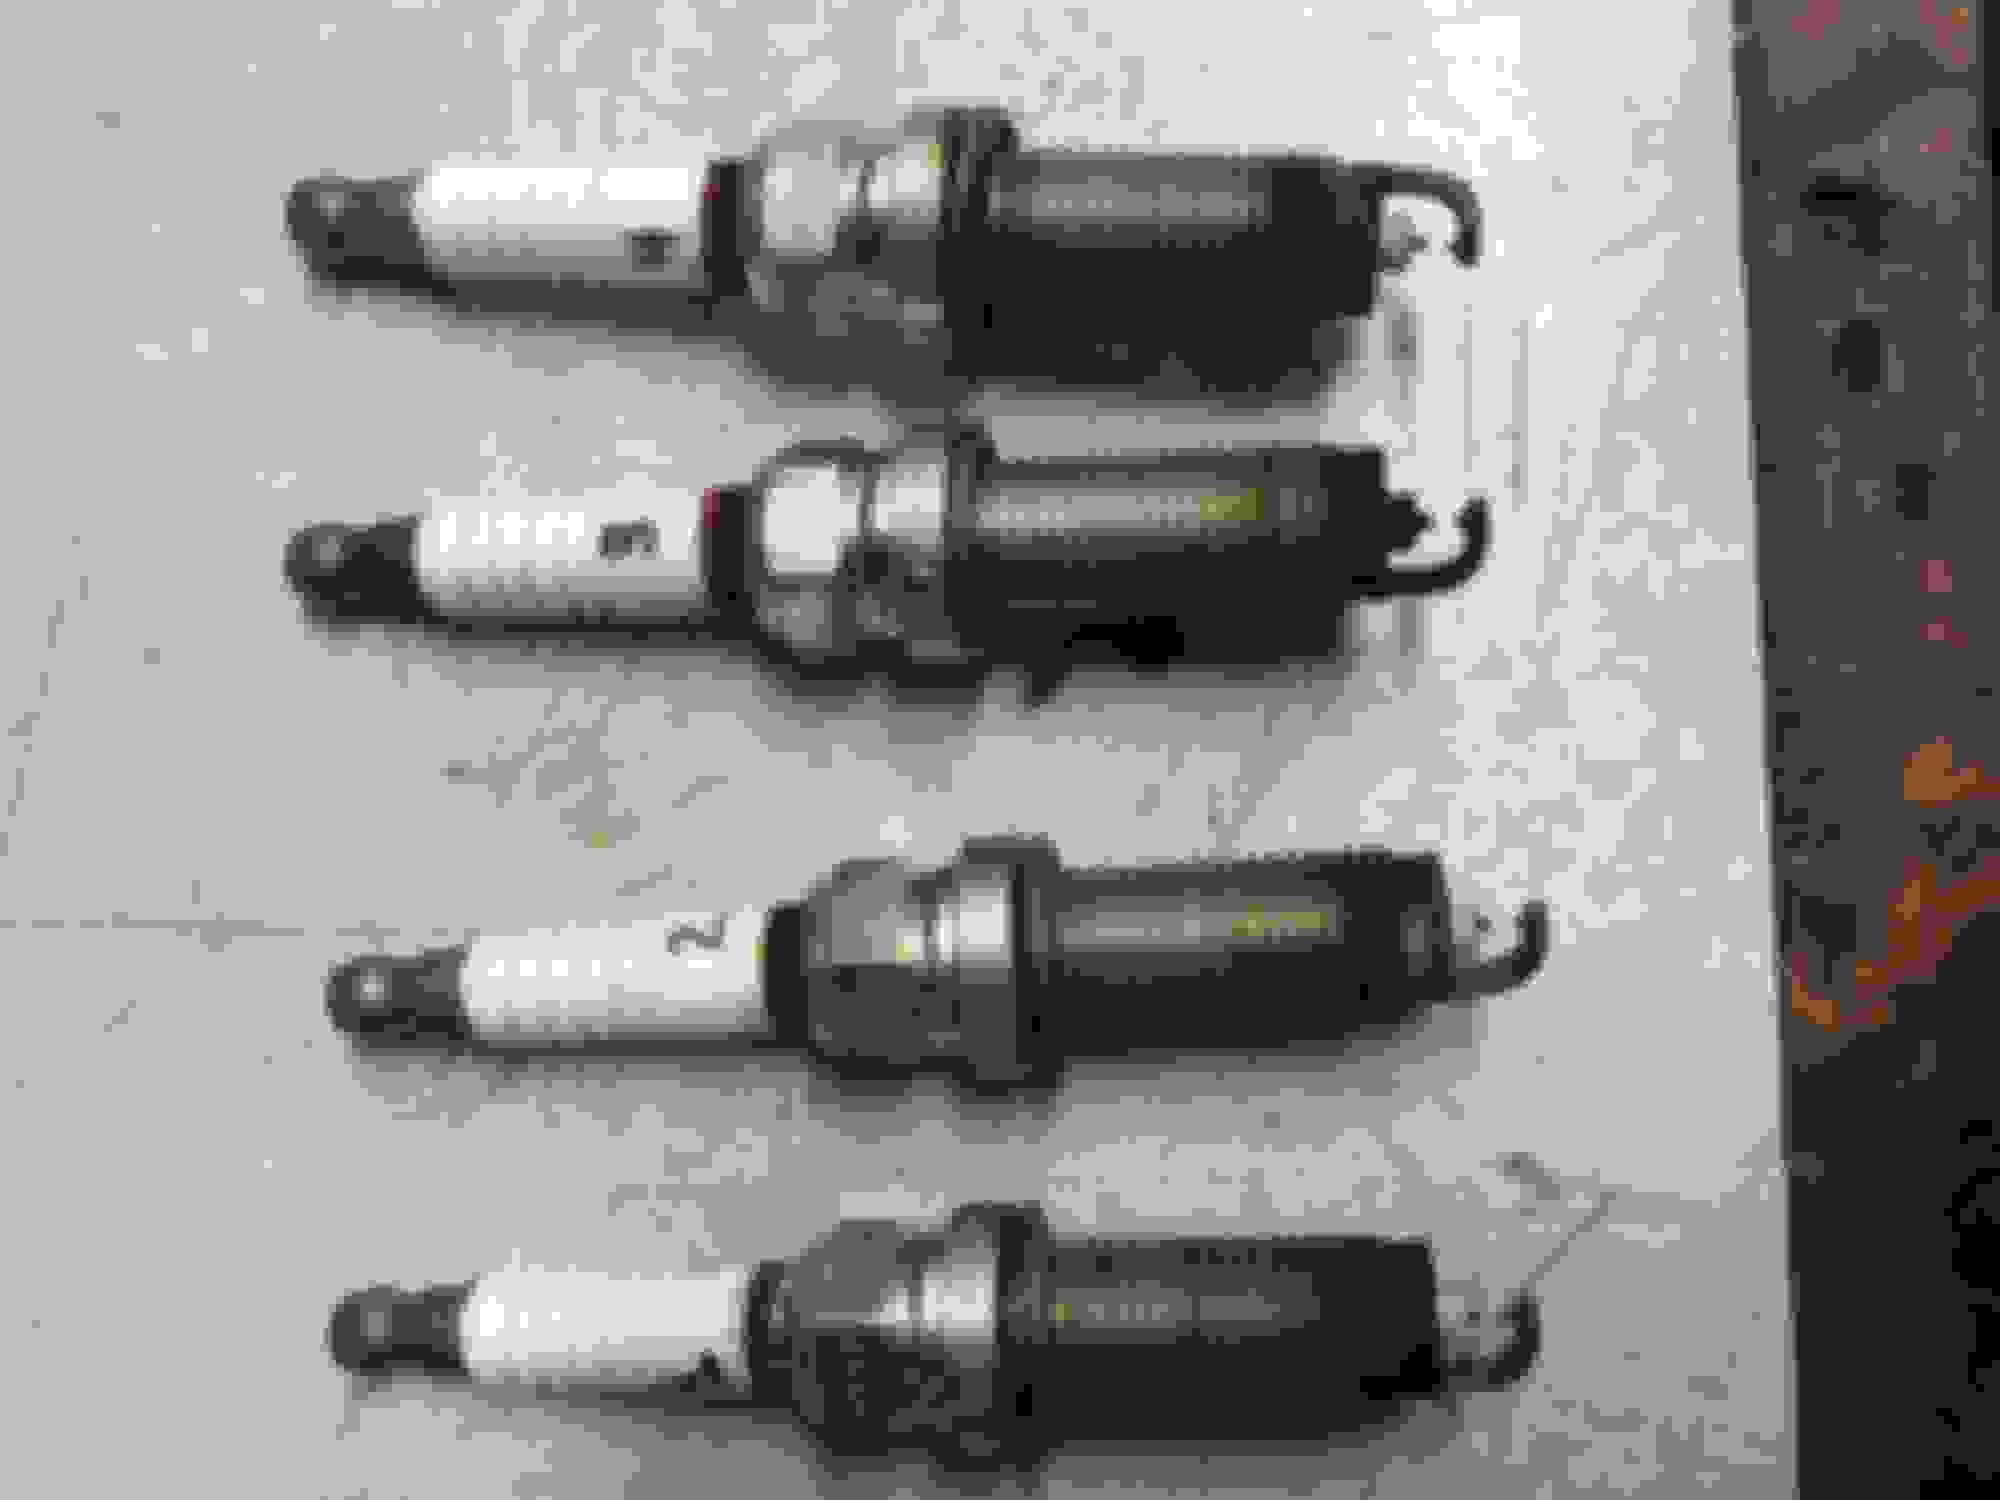 Misfire p0303 p0301 p300 HELP - Unofficial Honda FIT Forums